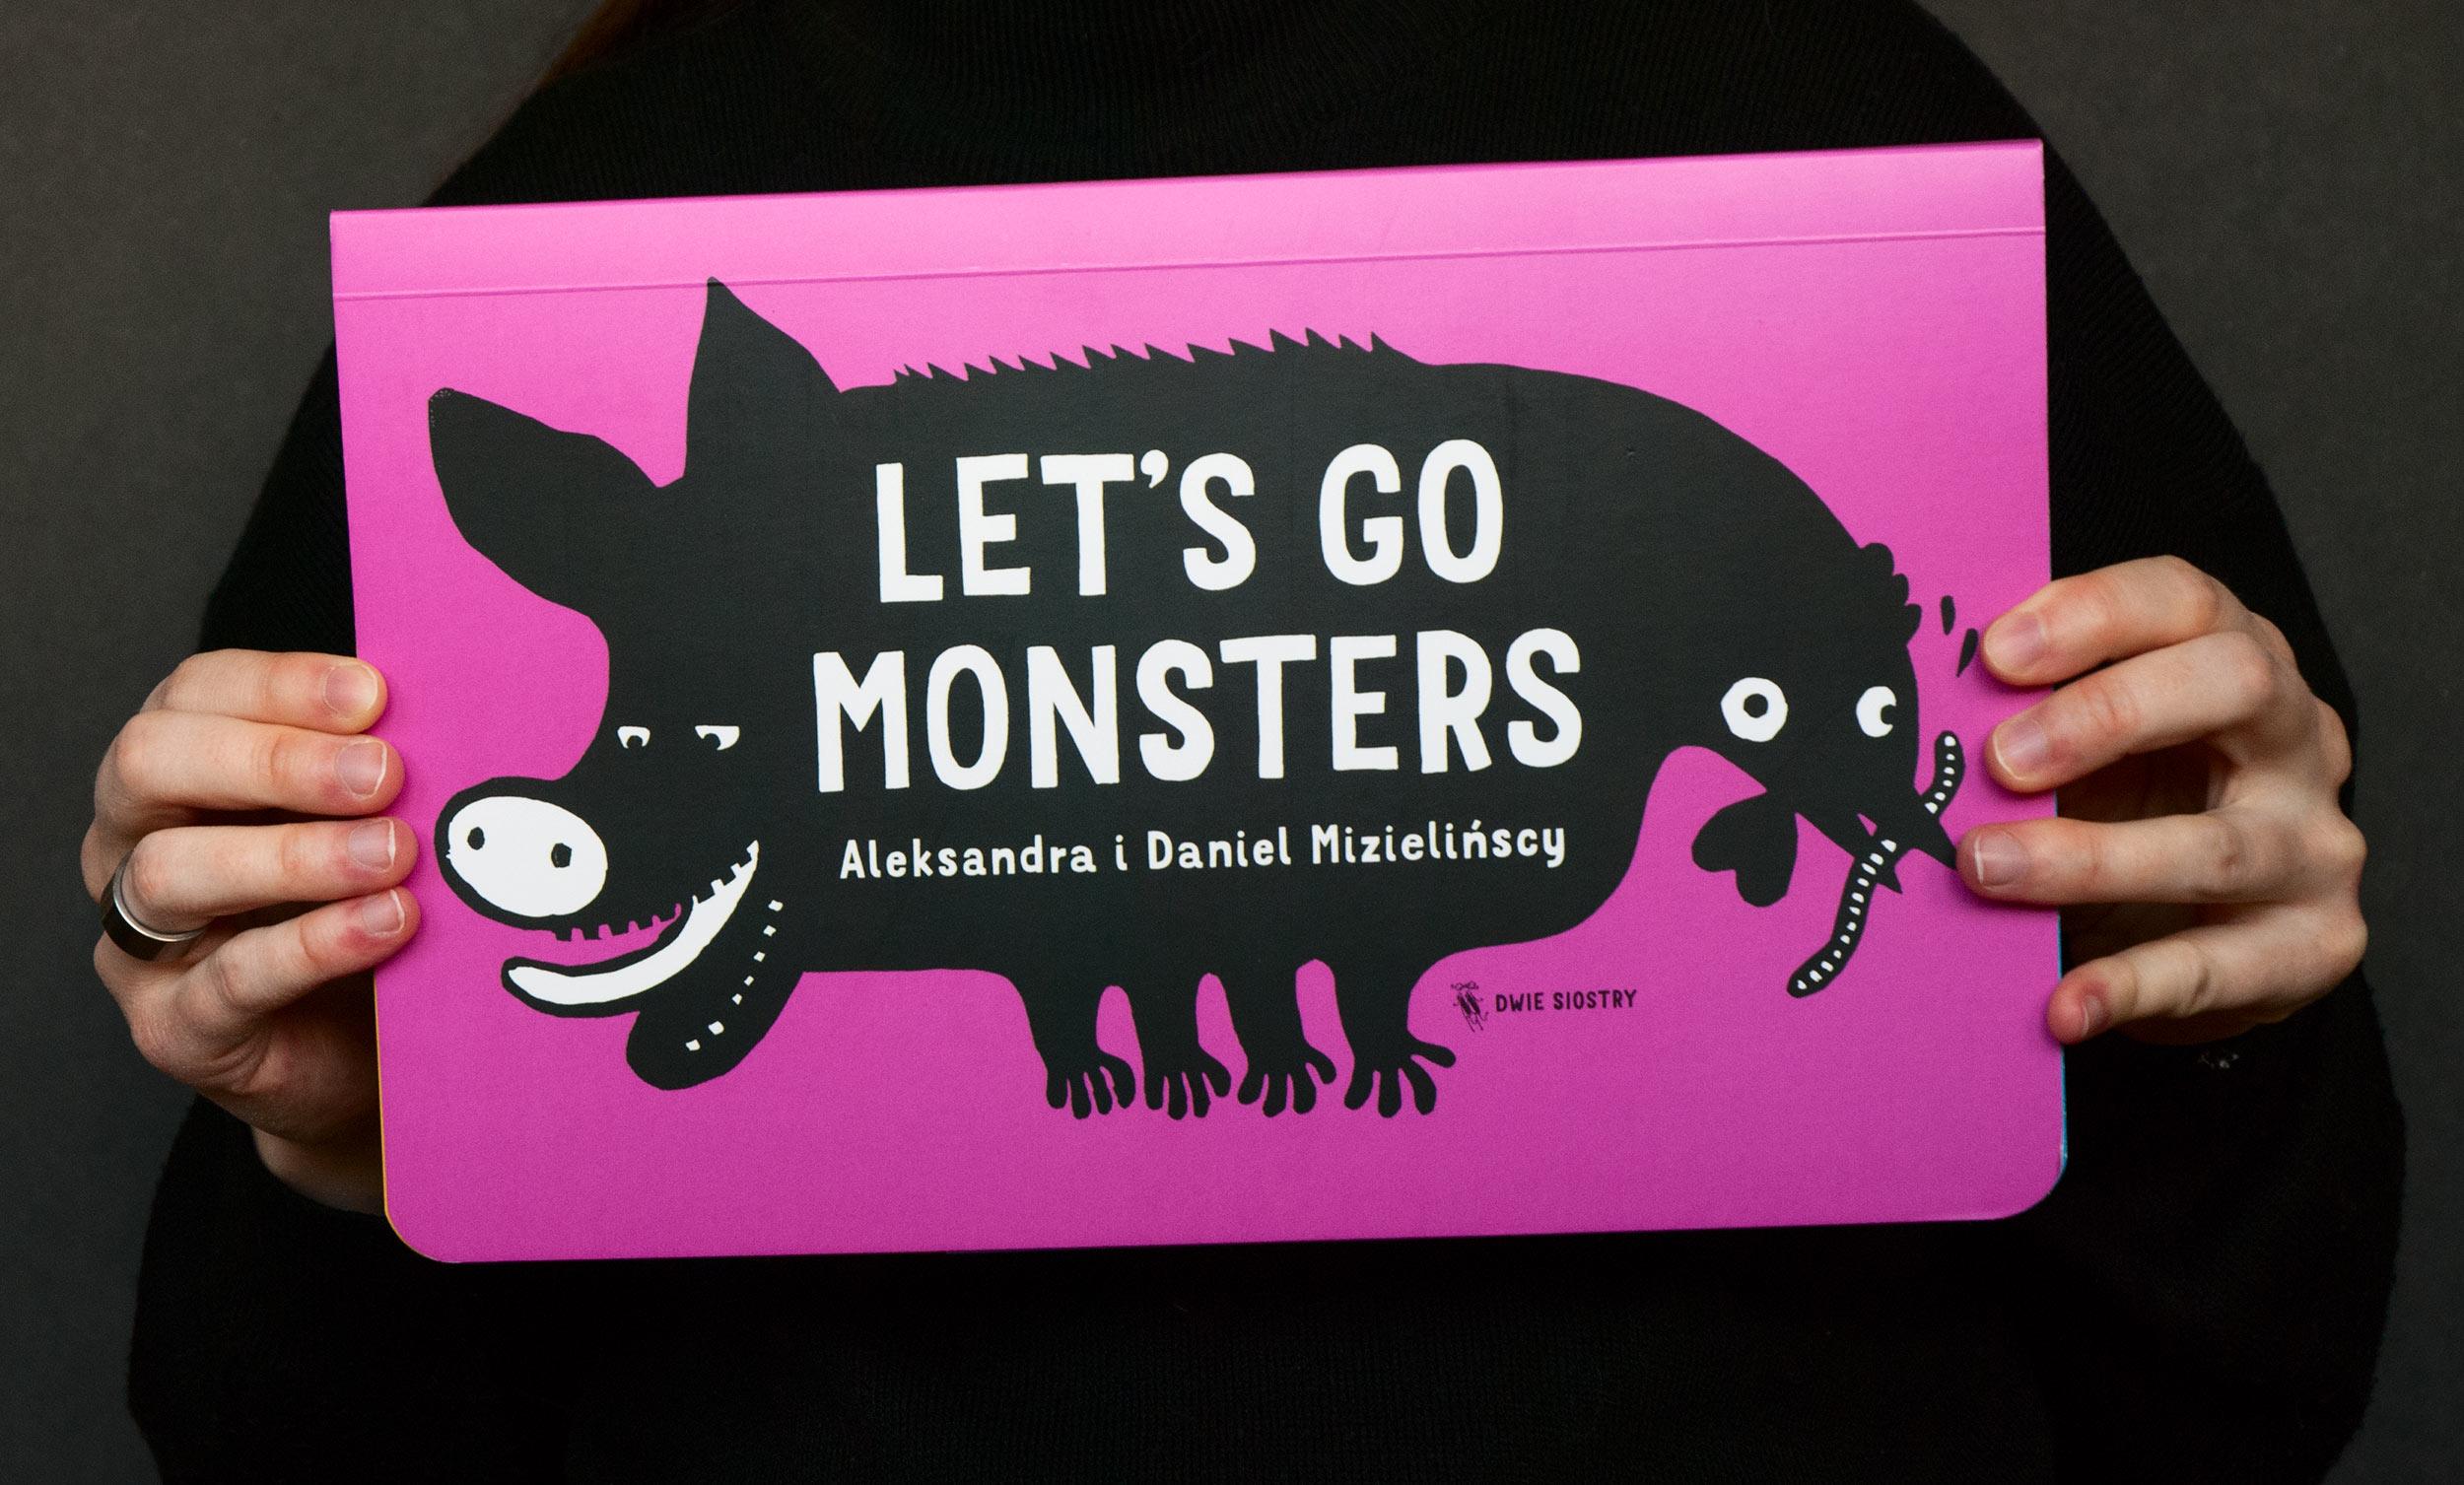 lets_go_monsters_01.jpg